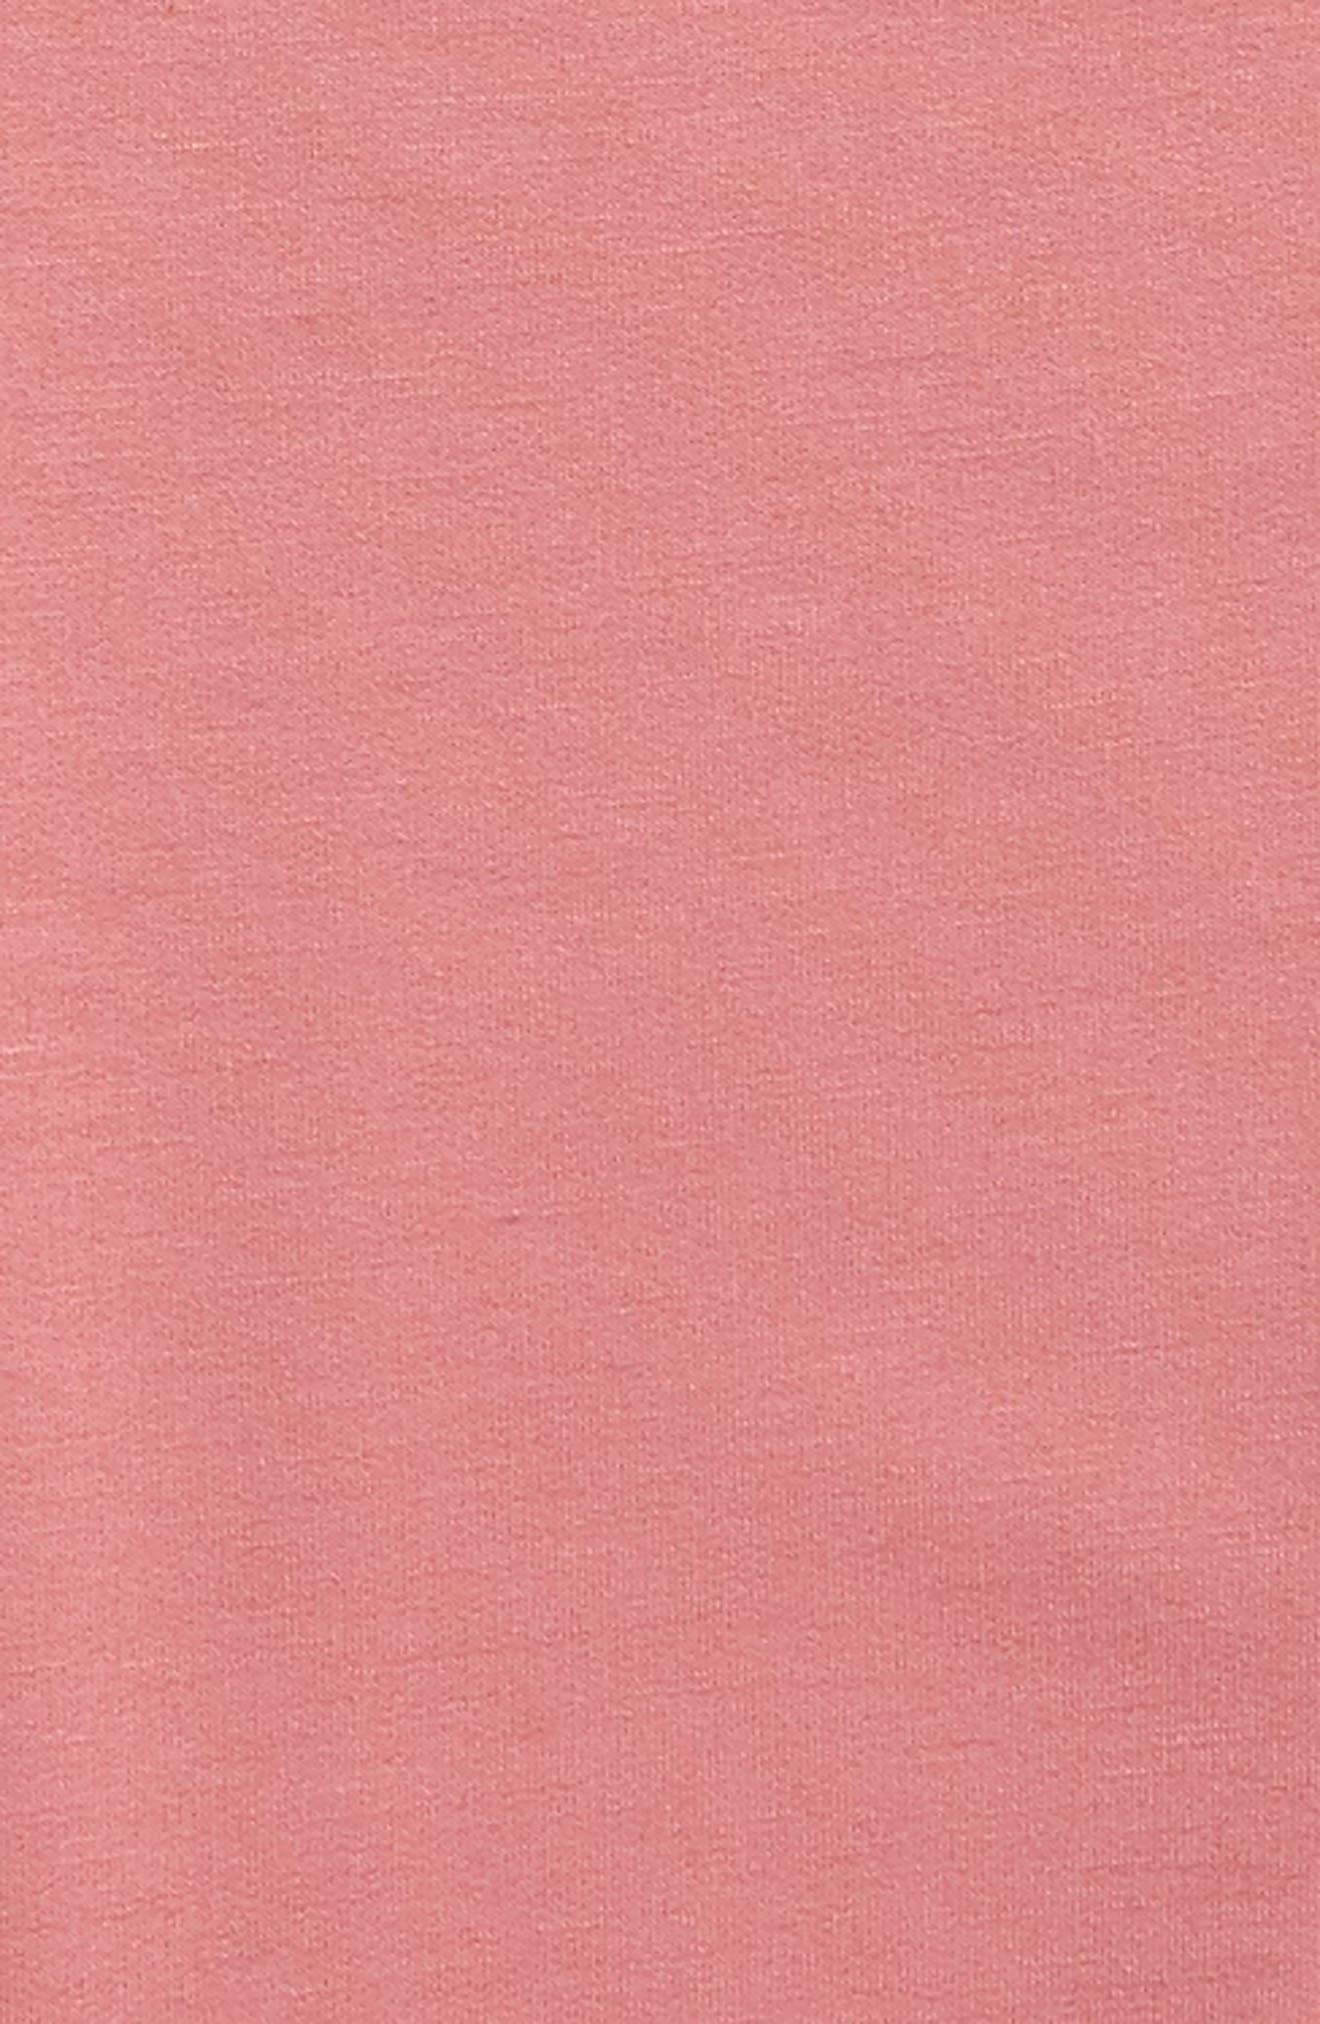 Tiered Sleeve Sweatshirt,                             Alternate thumbnail 2, color,                             Mauve